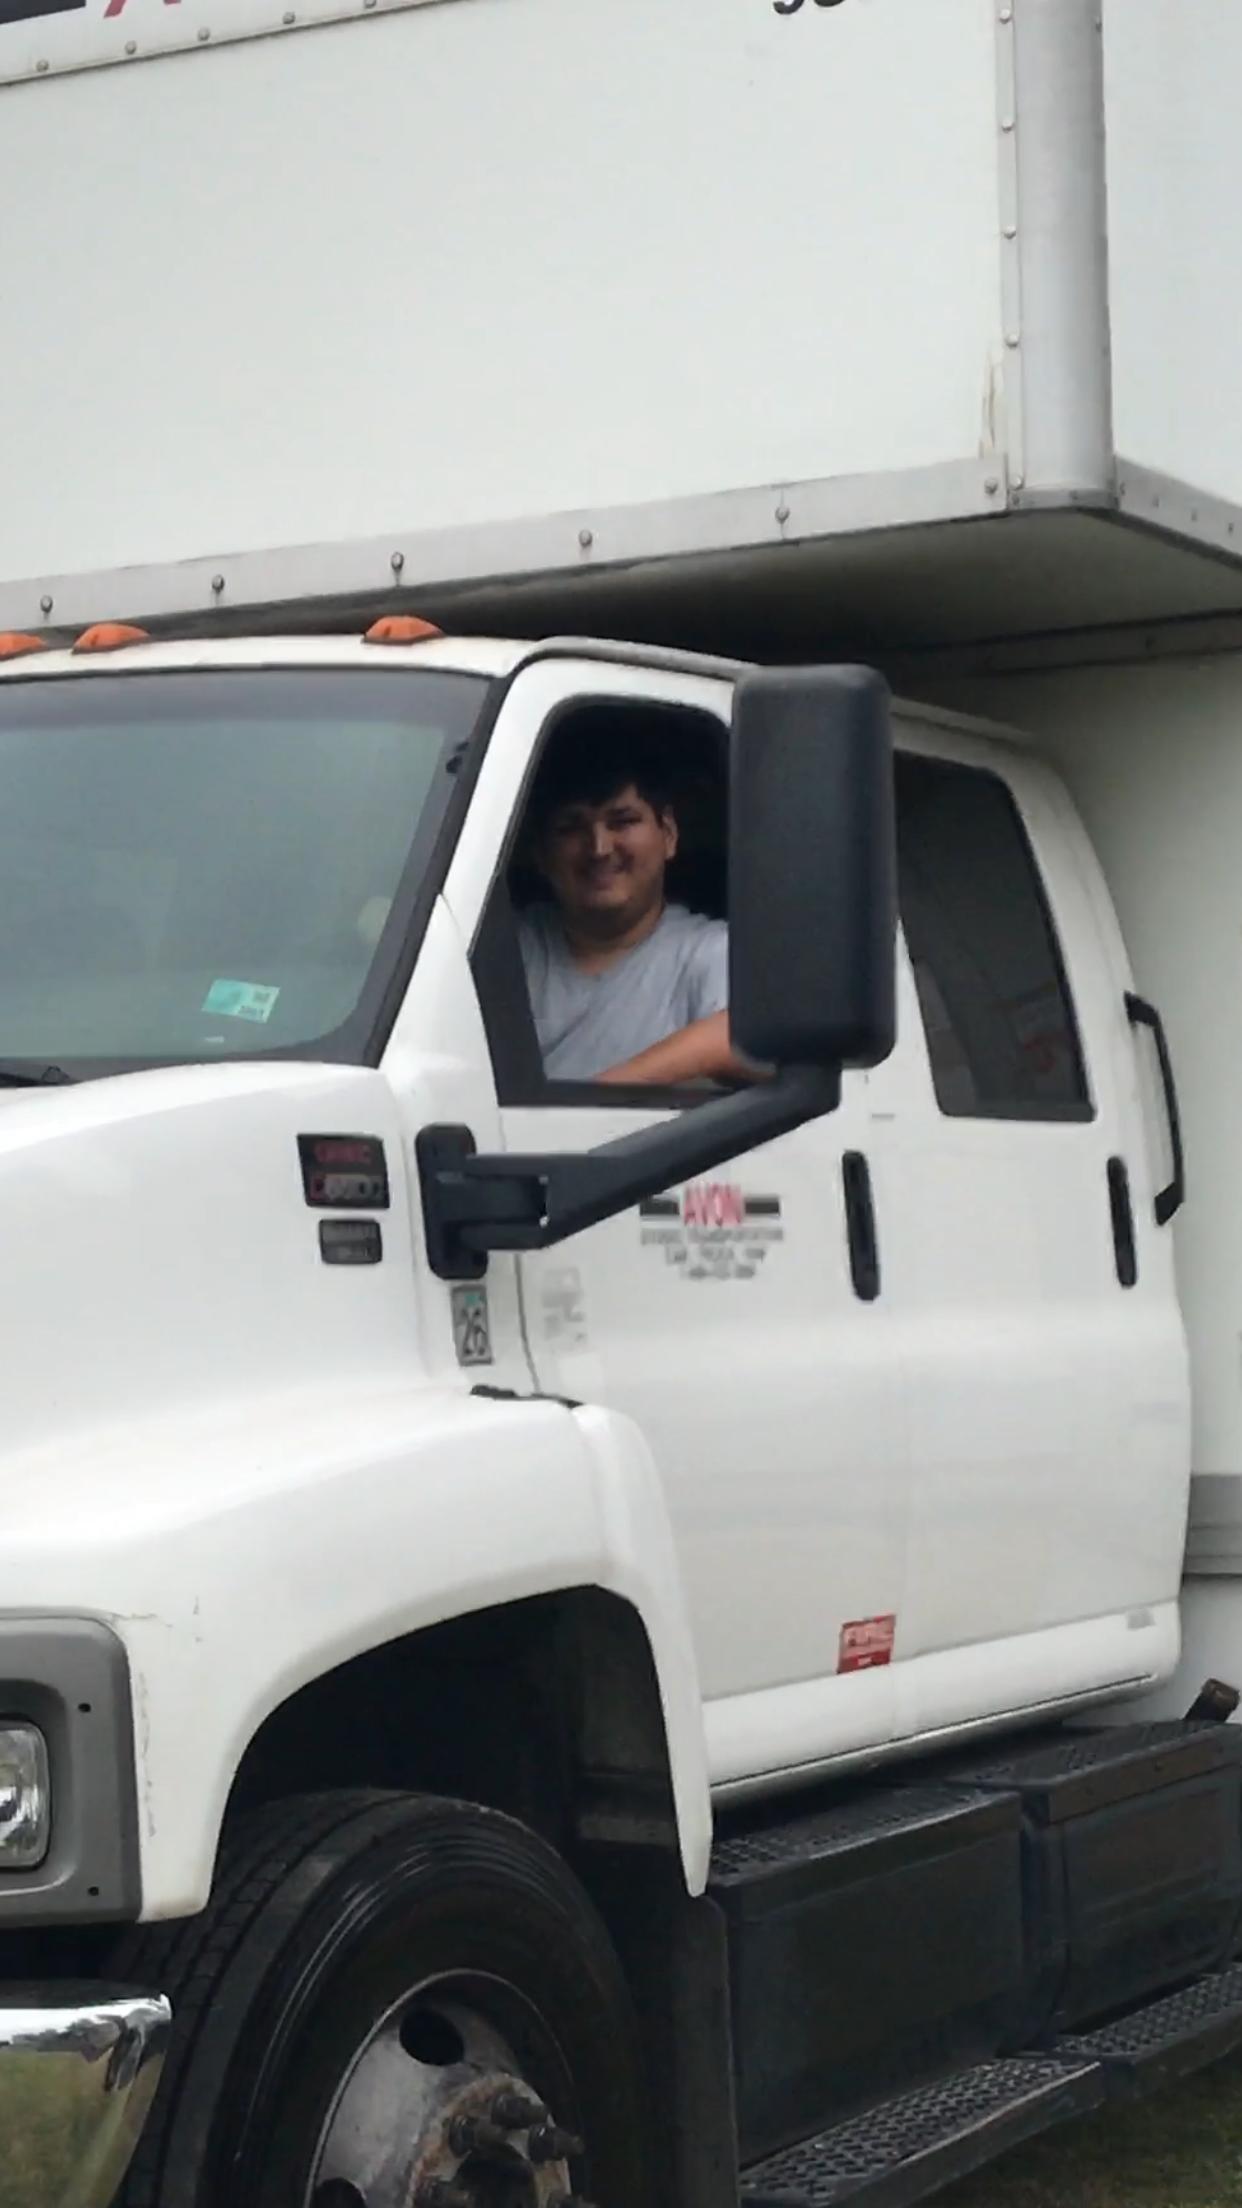 KBEV Driver Daniel Audell